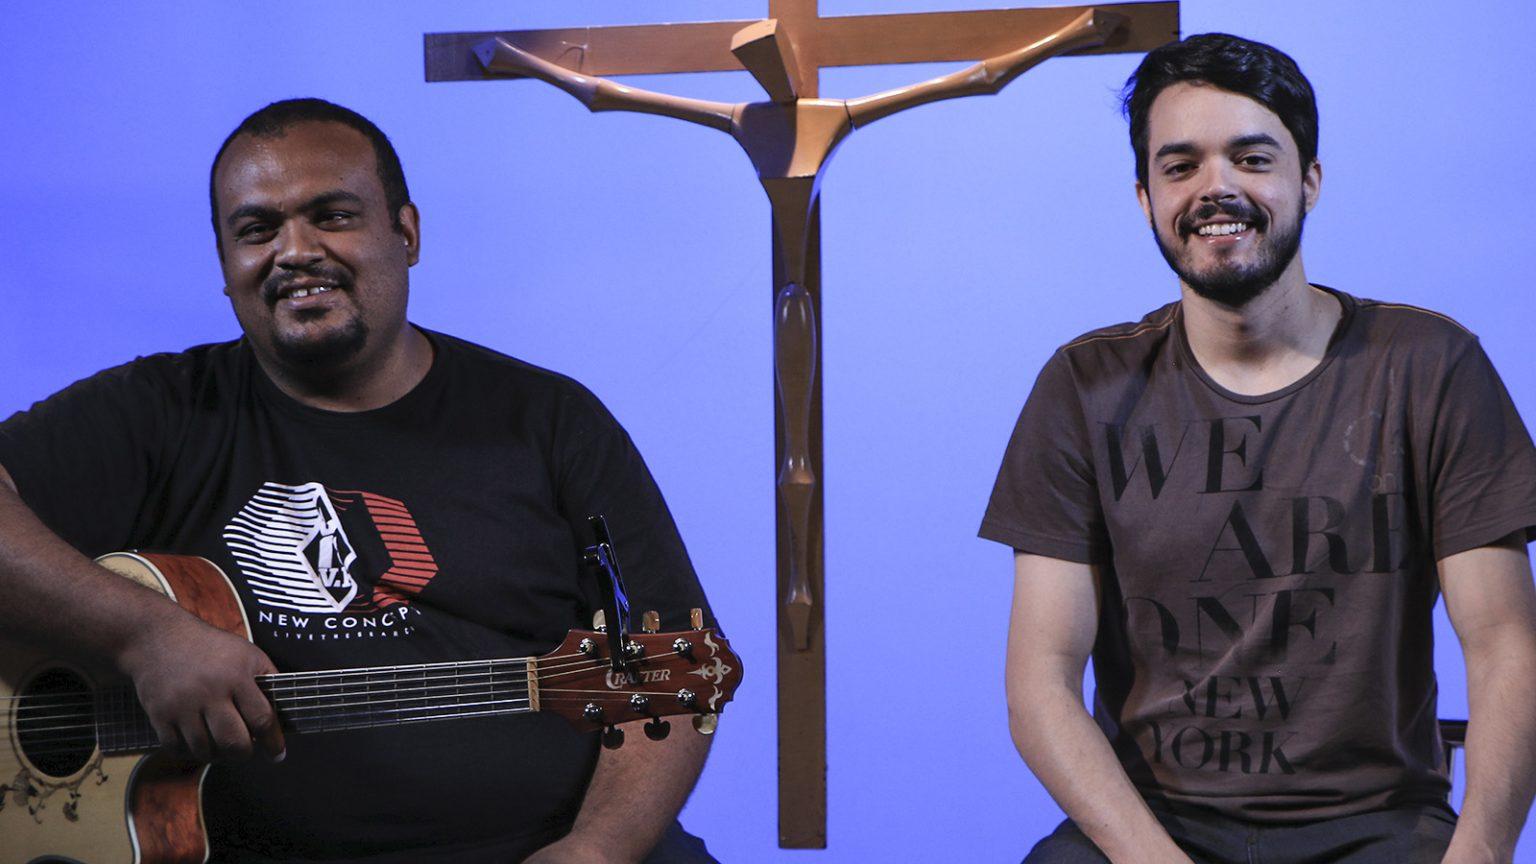 Melodia-para-o-Salmo-120-29º-Domingo-do-Tempo-Comum-1536x864.jpg